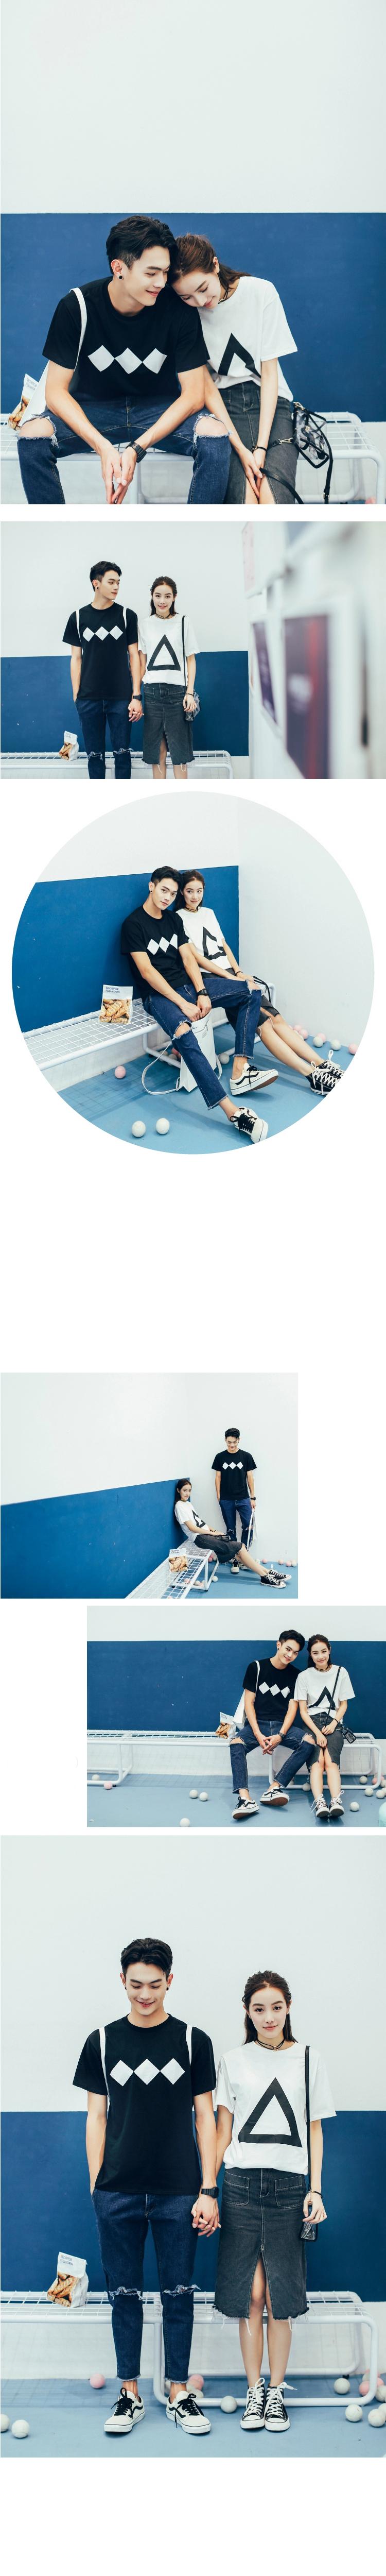 ◆快速出貨◆T恤.情侶裝.班服.MIT台灣製.獨家配對情侶裝.客製化.純棉短T.菱形&三角形幾何圖形【Y0262】可單買.艾咪E舖